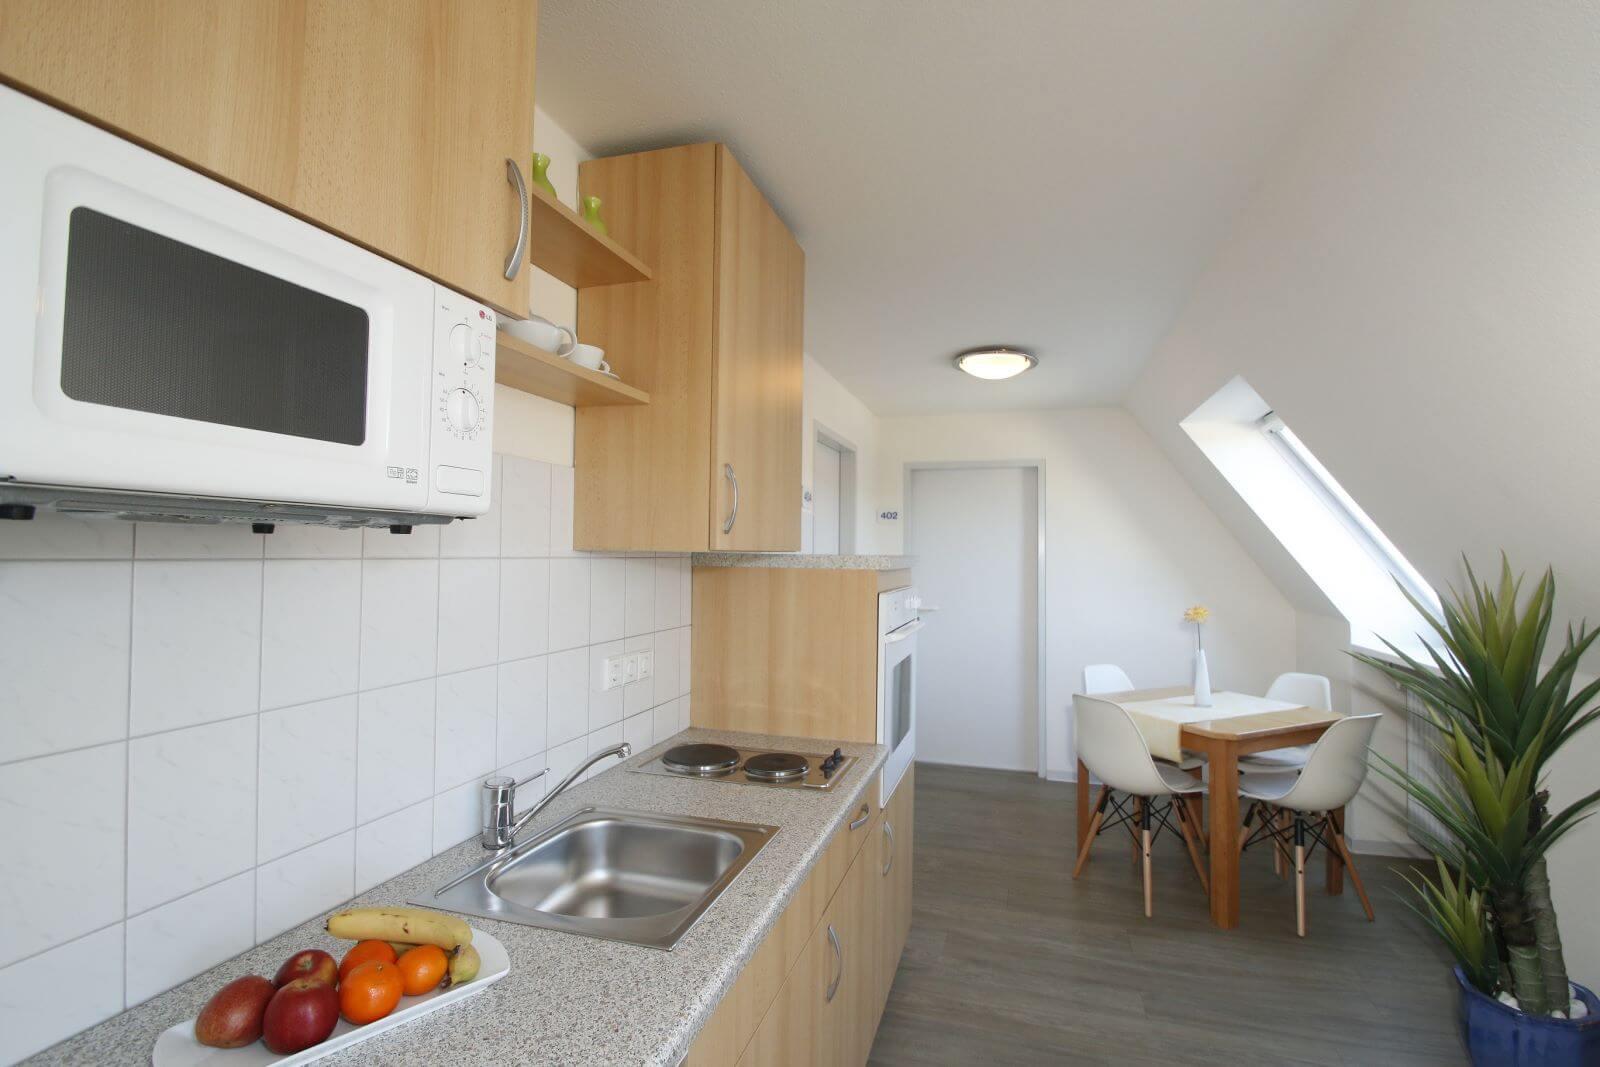 familienzimmer-suite-apartment-hotel-garni-pension-freiburg-cityhotel-innenstadt-guenstig (2)